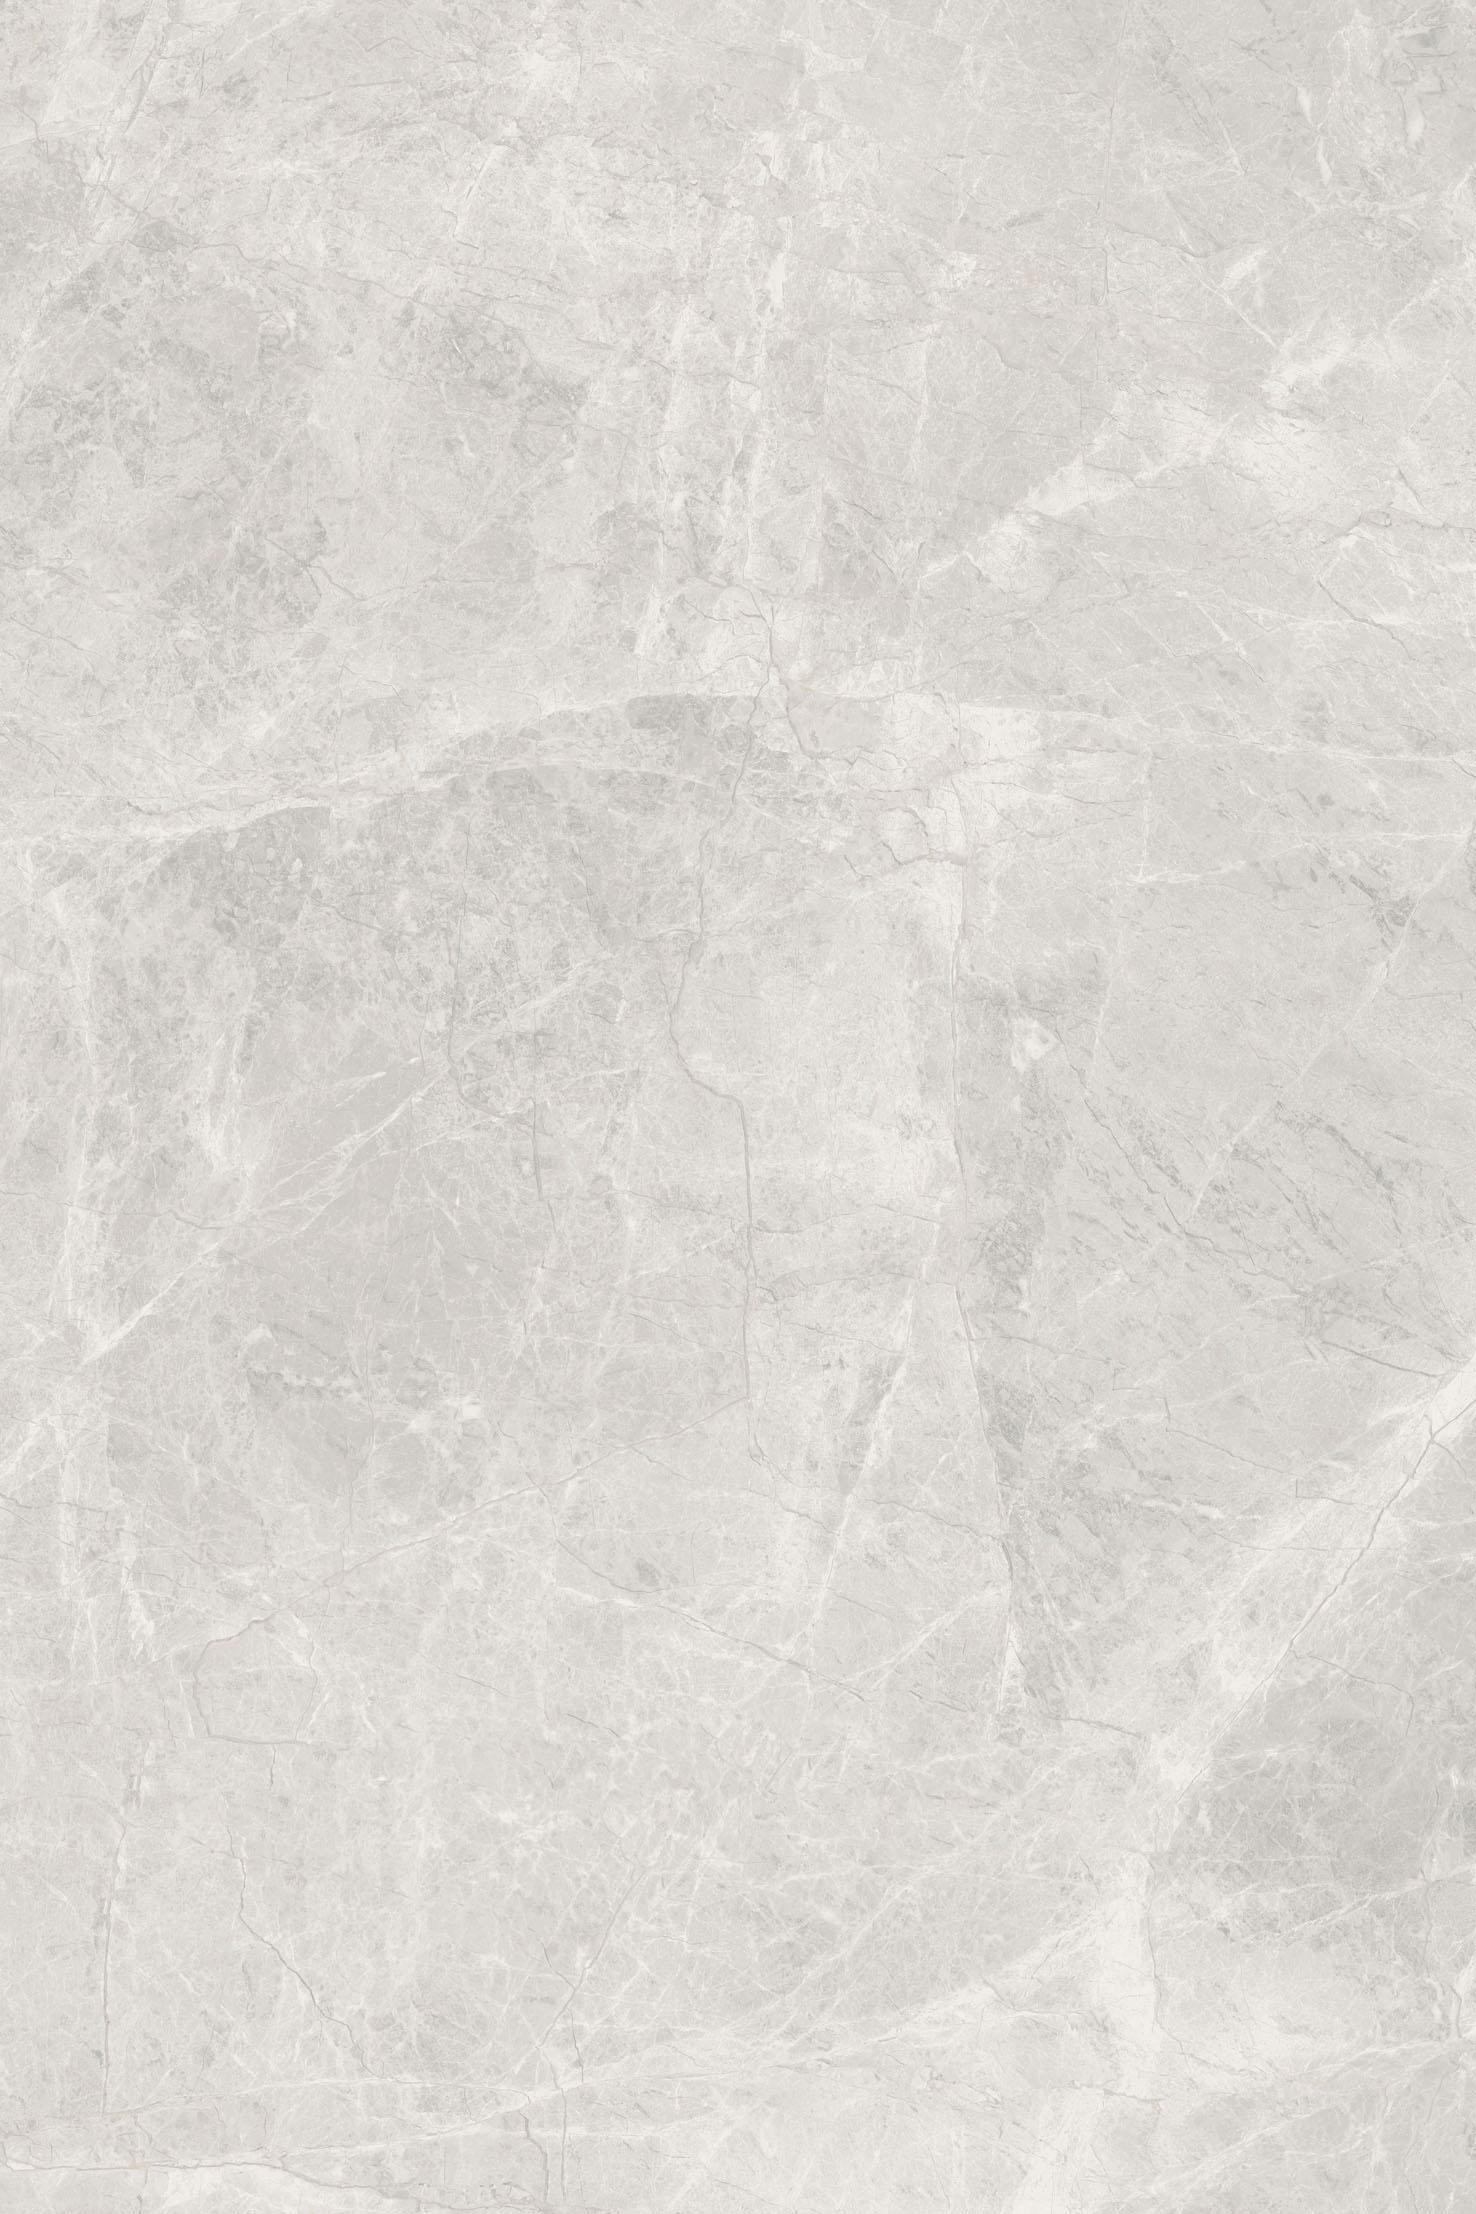 冠珠瓷磚維納斯灰大理石高清貼圖【ID:236463361】